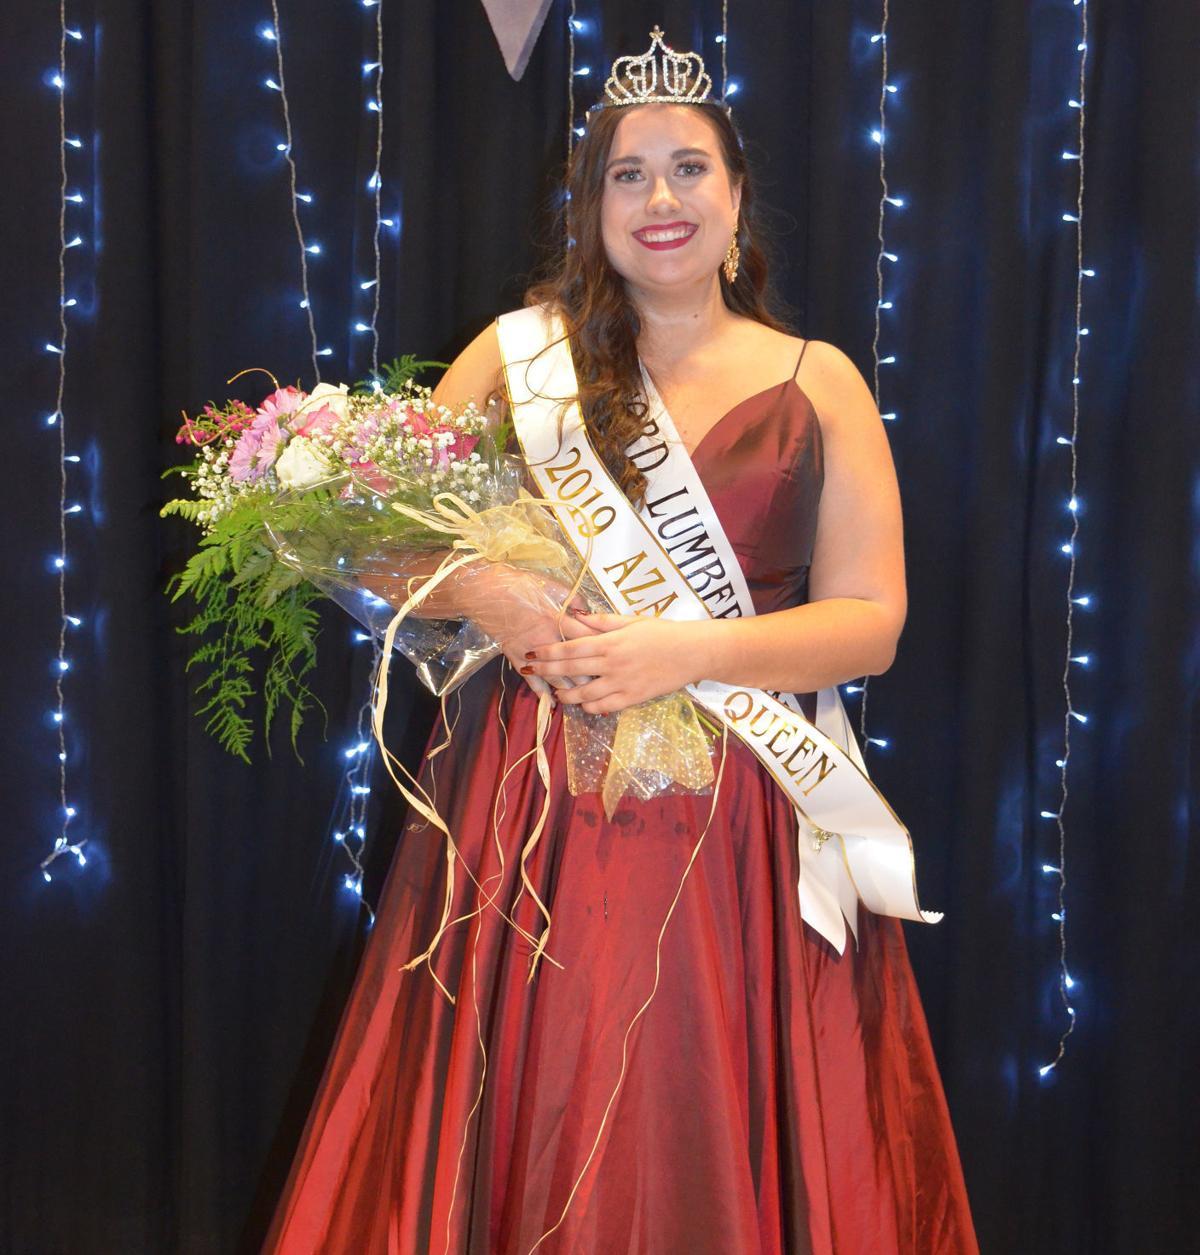 2019 Azalea Queen